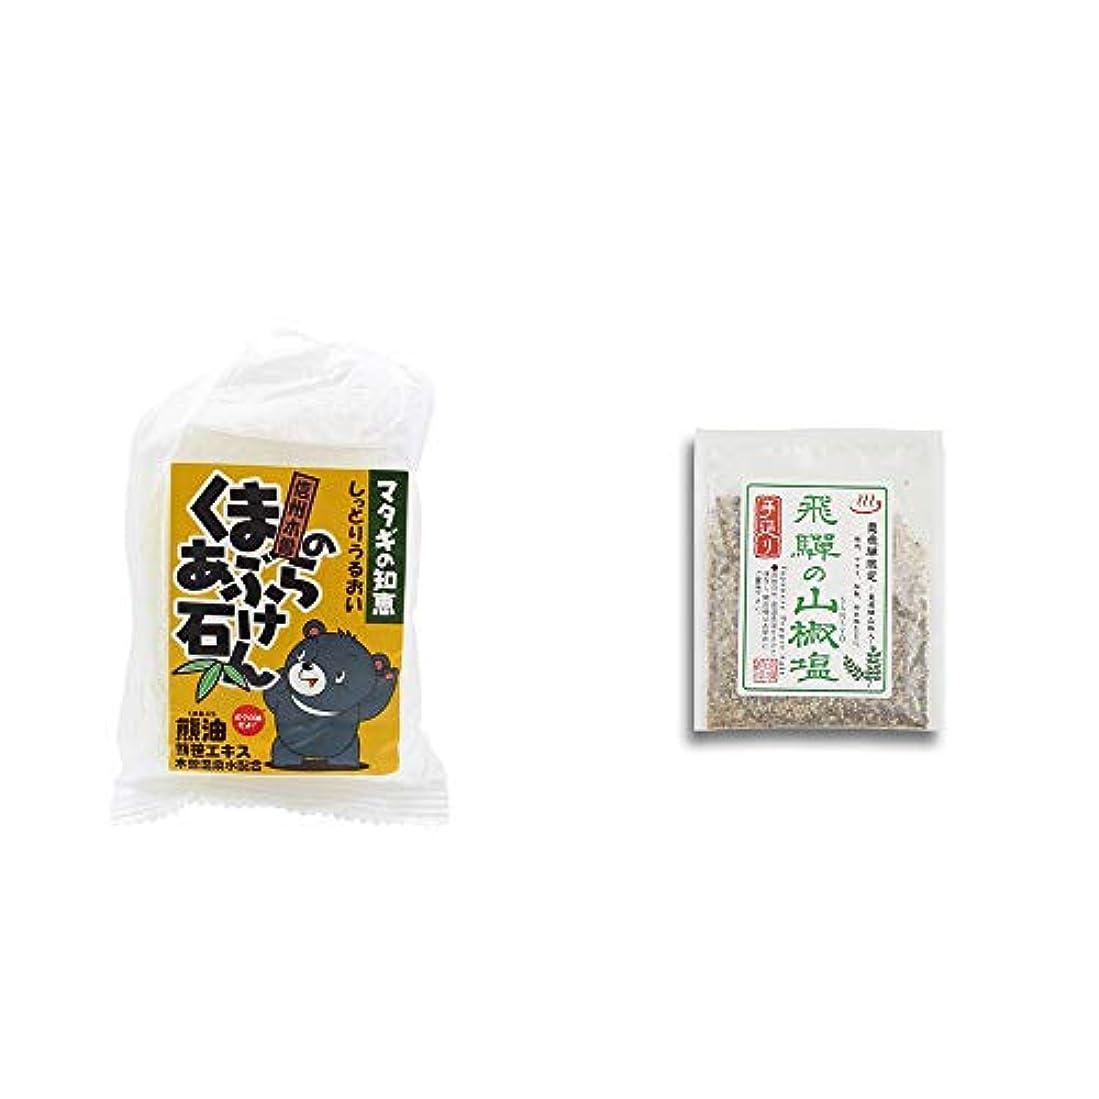 クラフトコントラスト贅沢[2点セット] 信州木曽 くまのあぶら石けん(80g)?手造り 飛騨の山椒塩(40g)